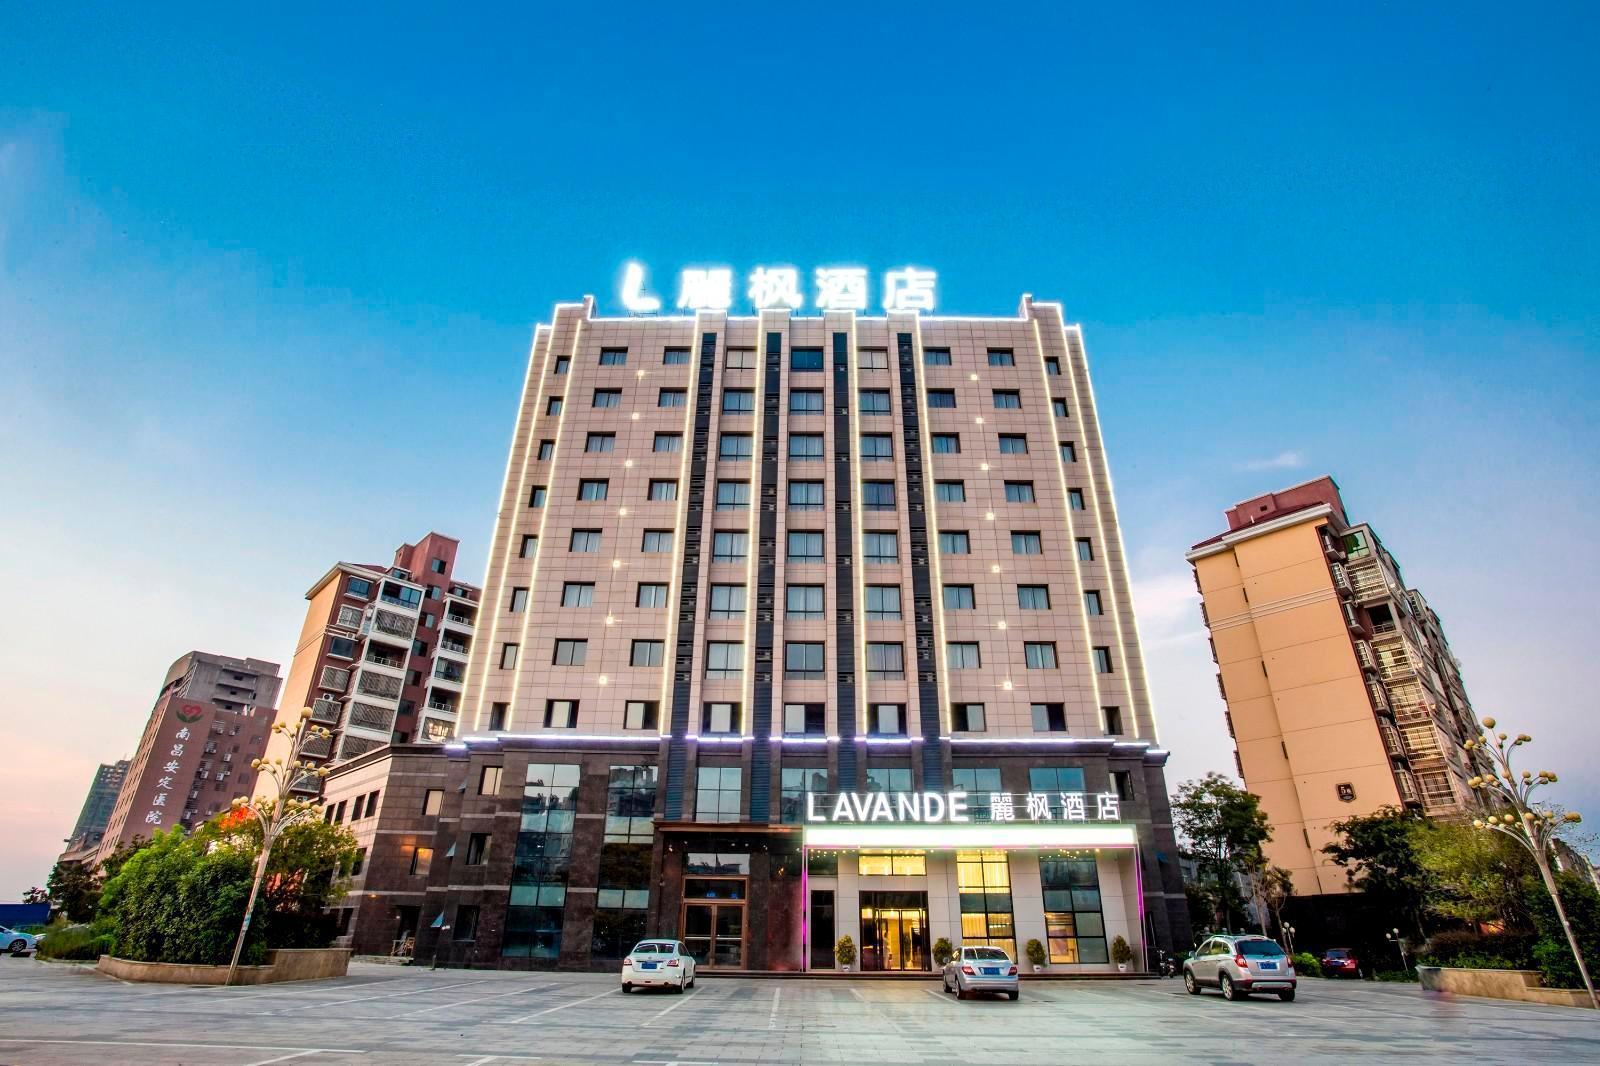 Lavande Hotels Nanchang Qingshanhu Wanda